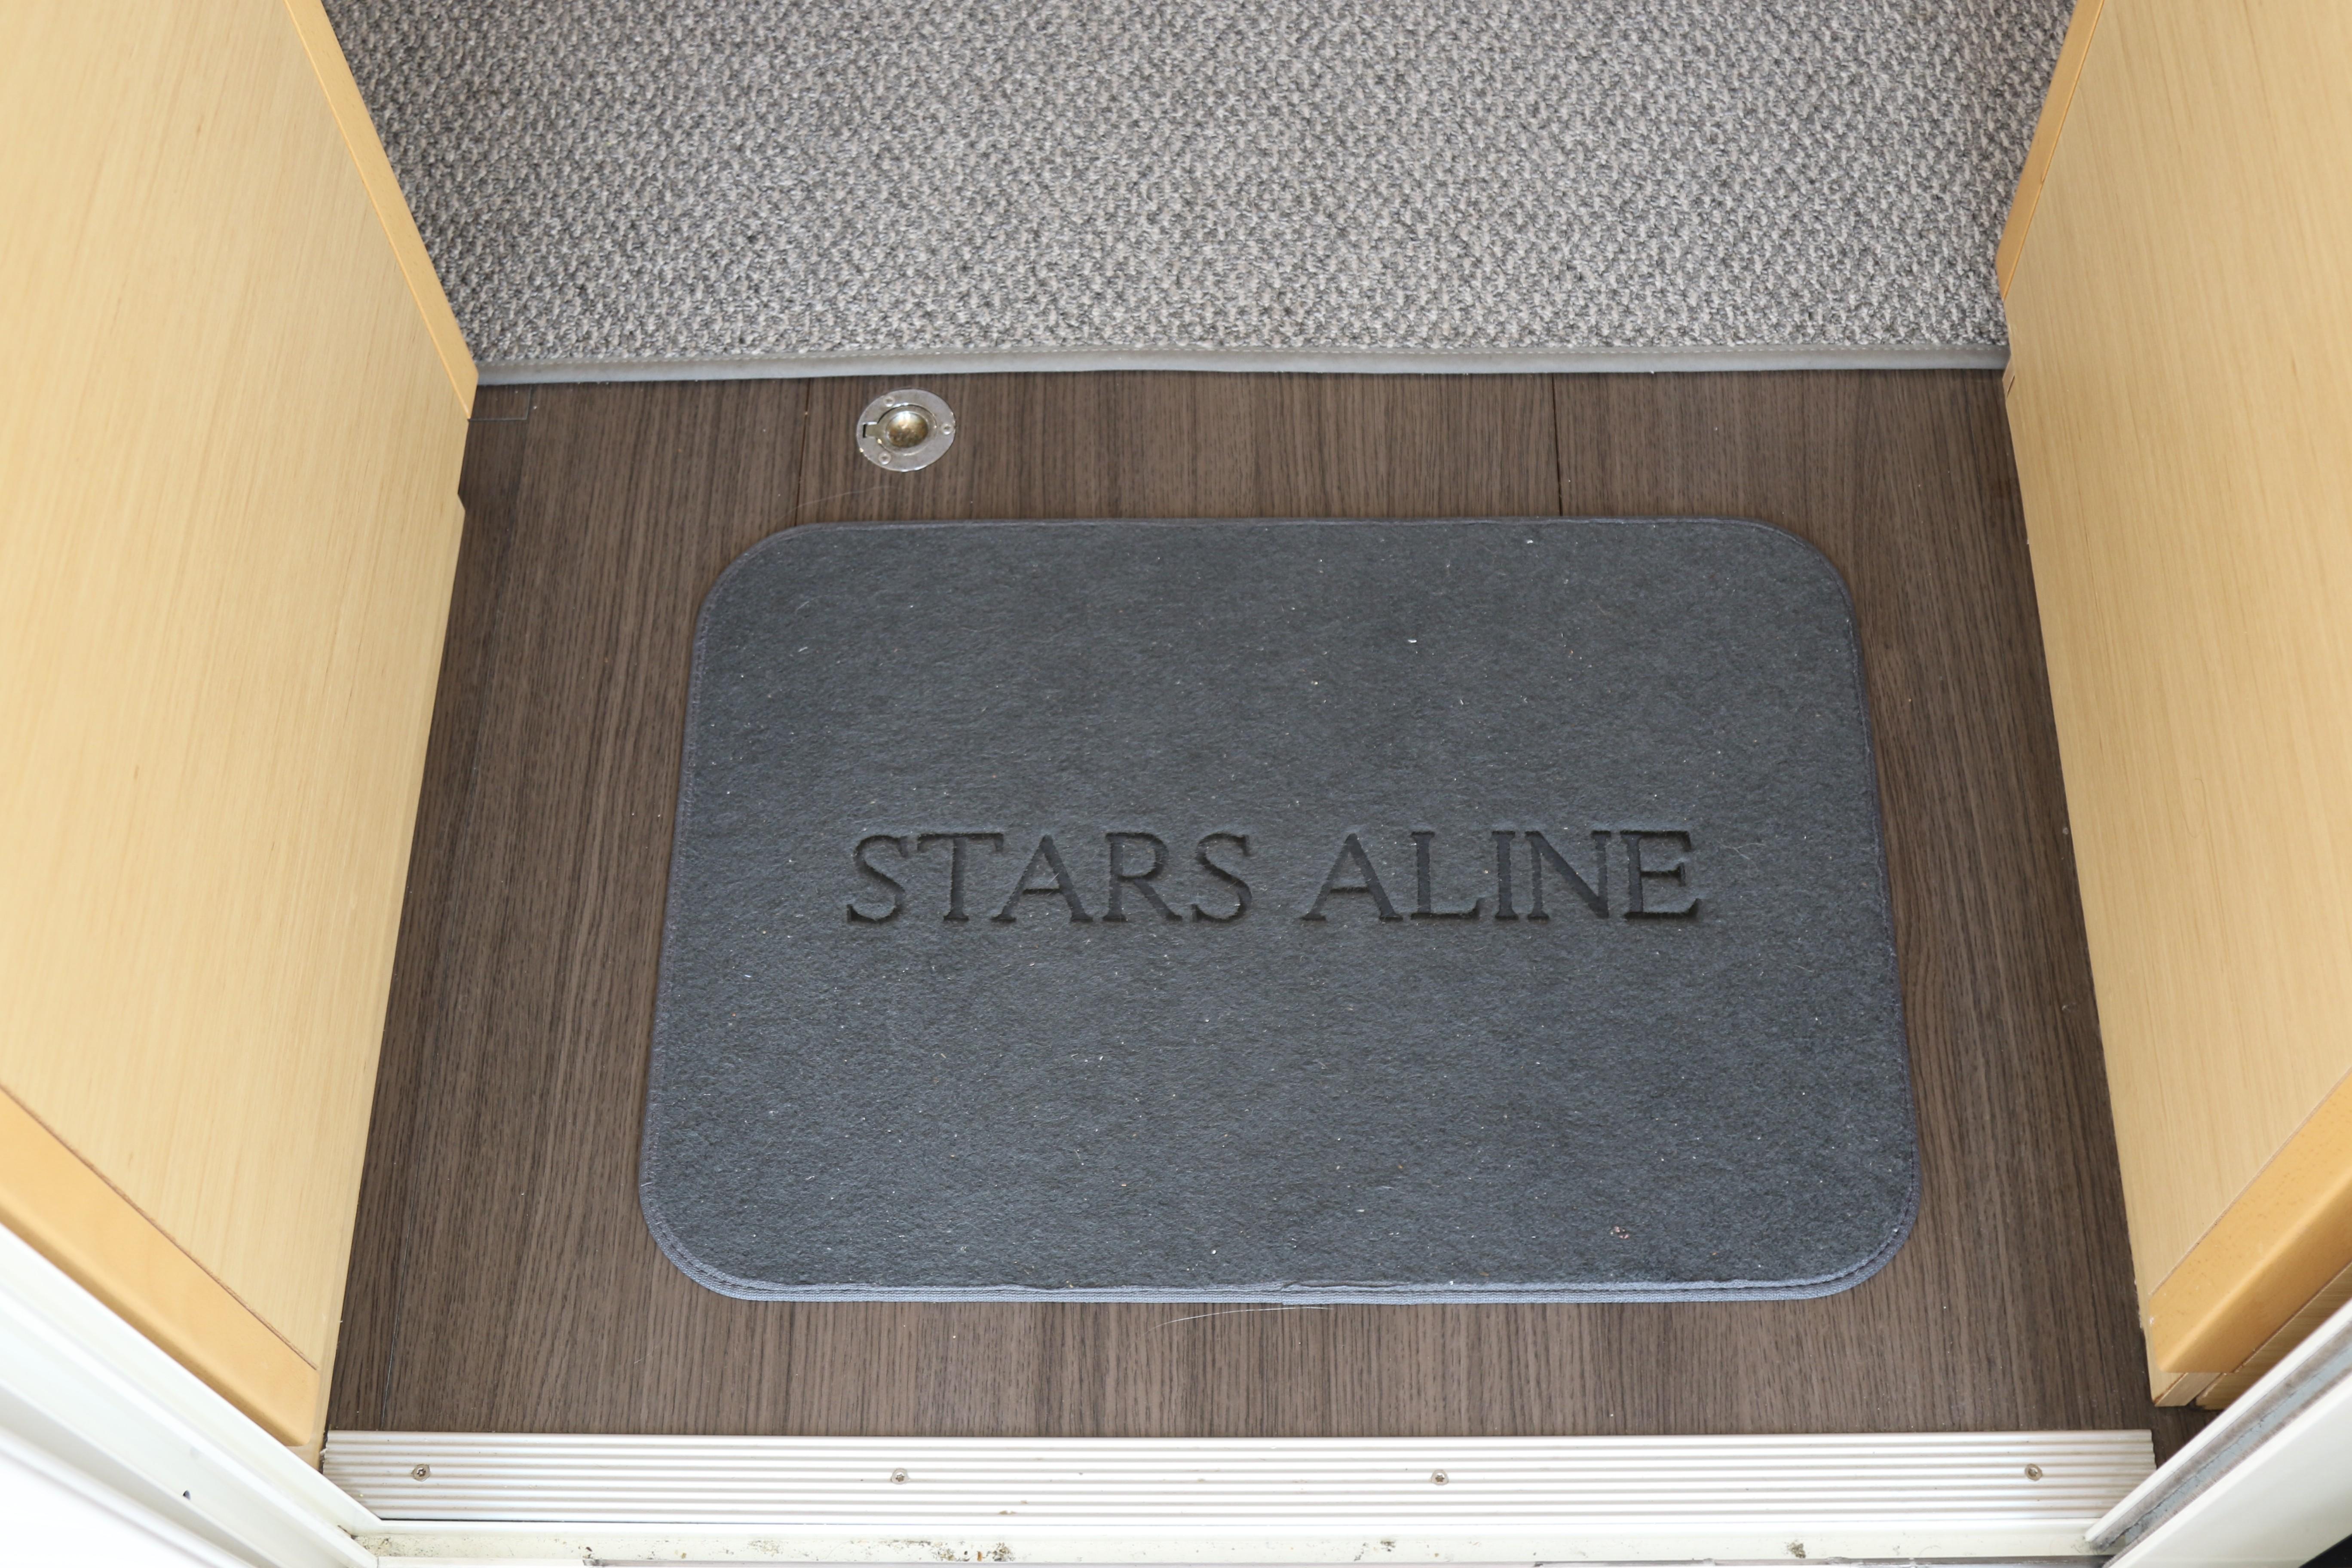 2016 Lagoon 45' Stars Aline